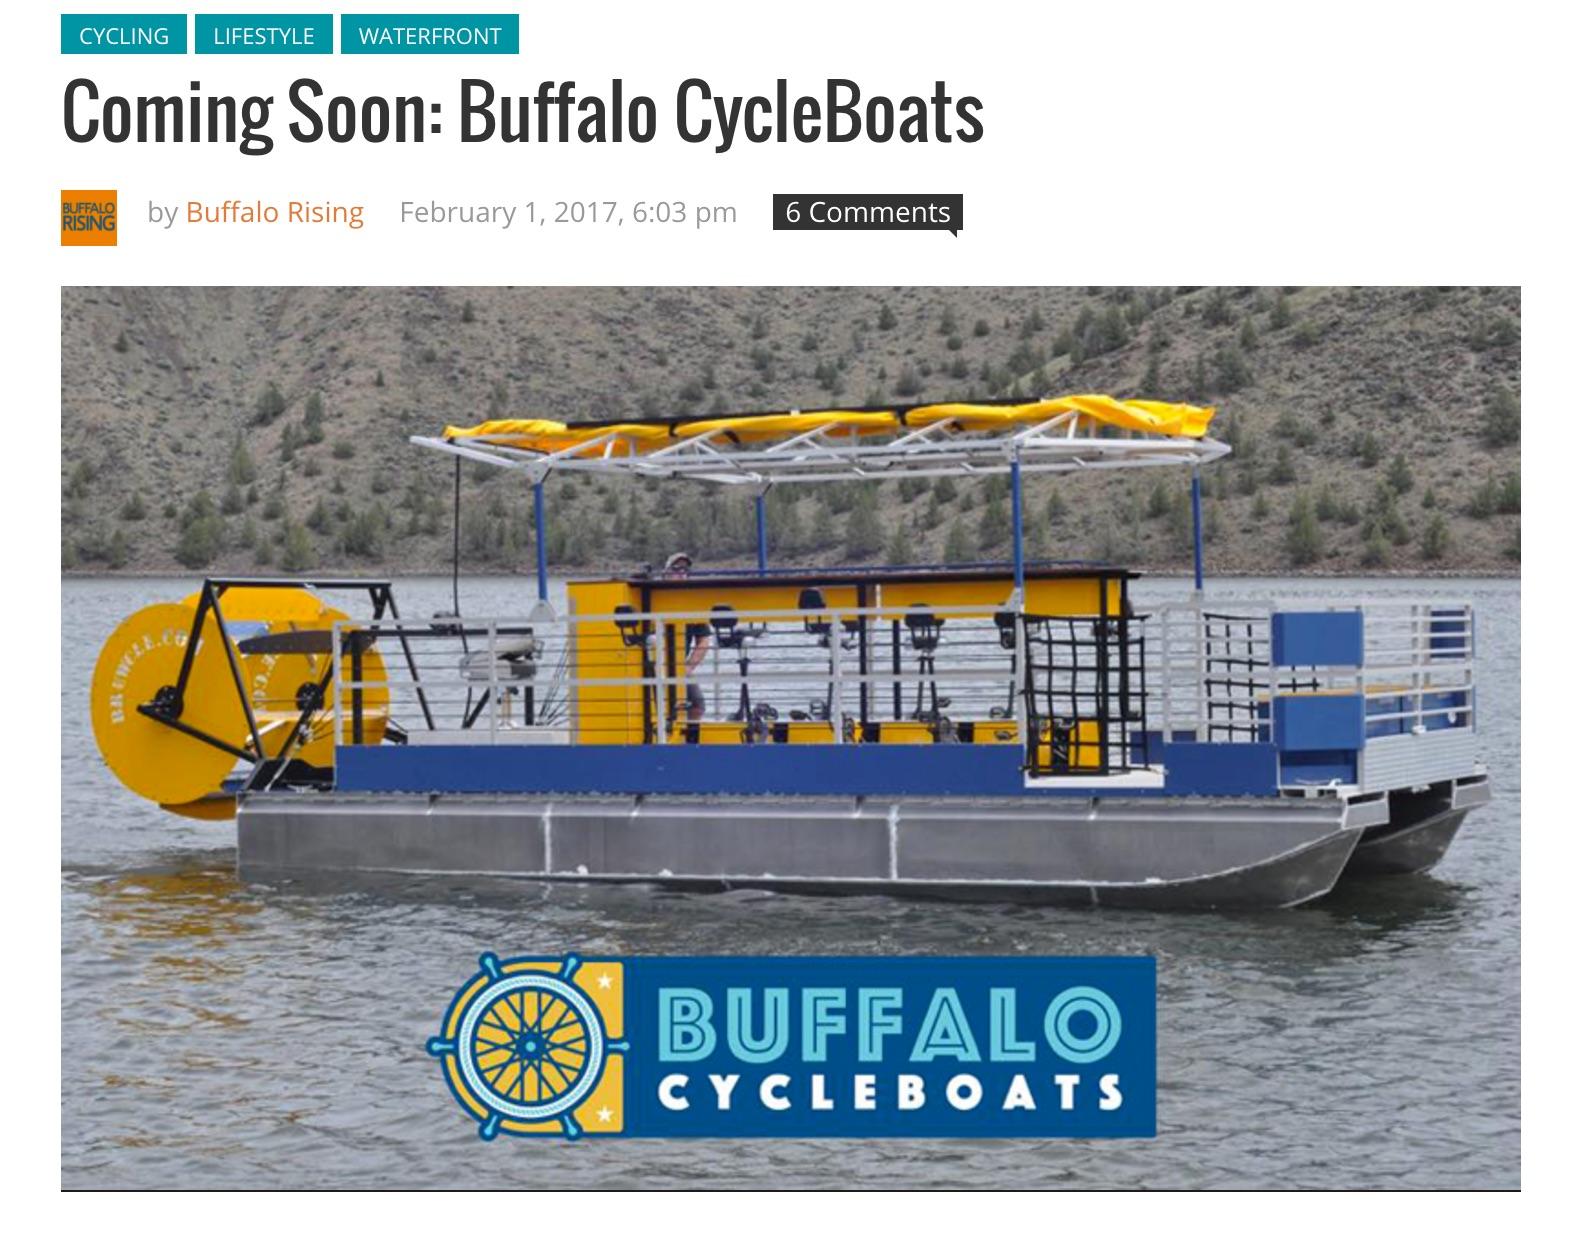 Buffalo CycleBoats in Buffalo Rising